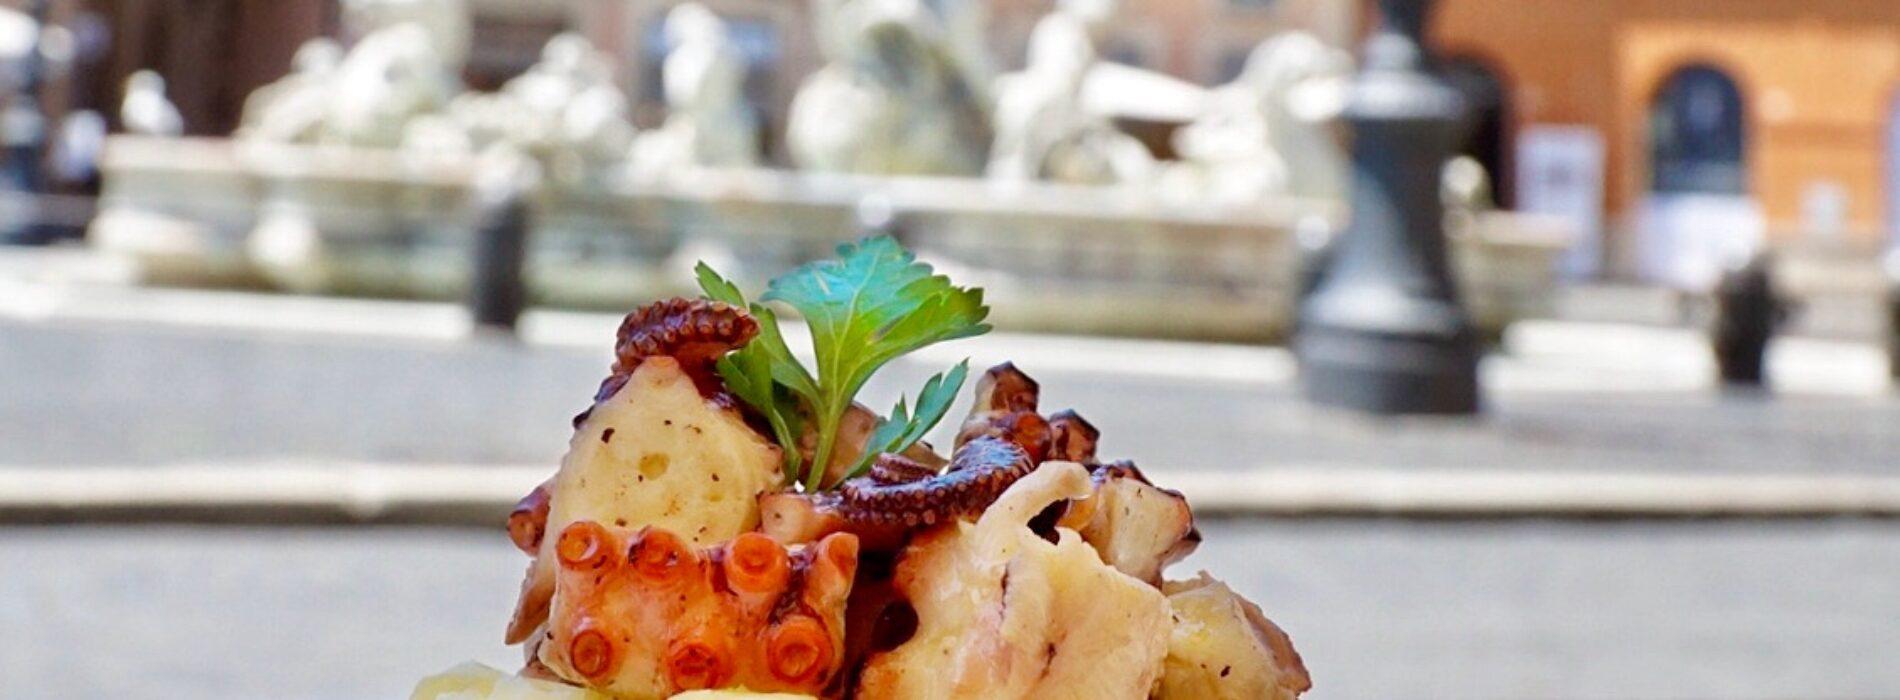 Dolce Vita Roma, lo storico ristorante di piazza Navona diventa bistrot italiano